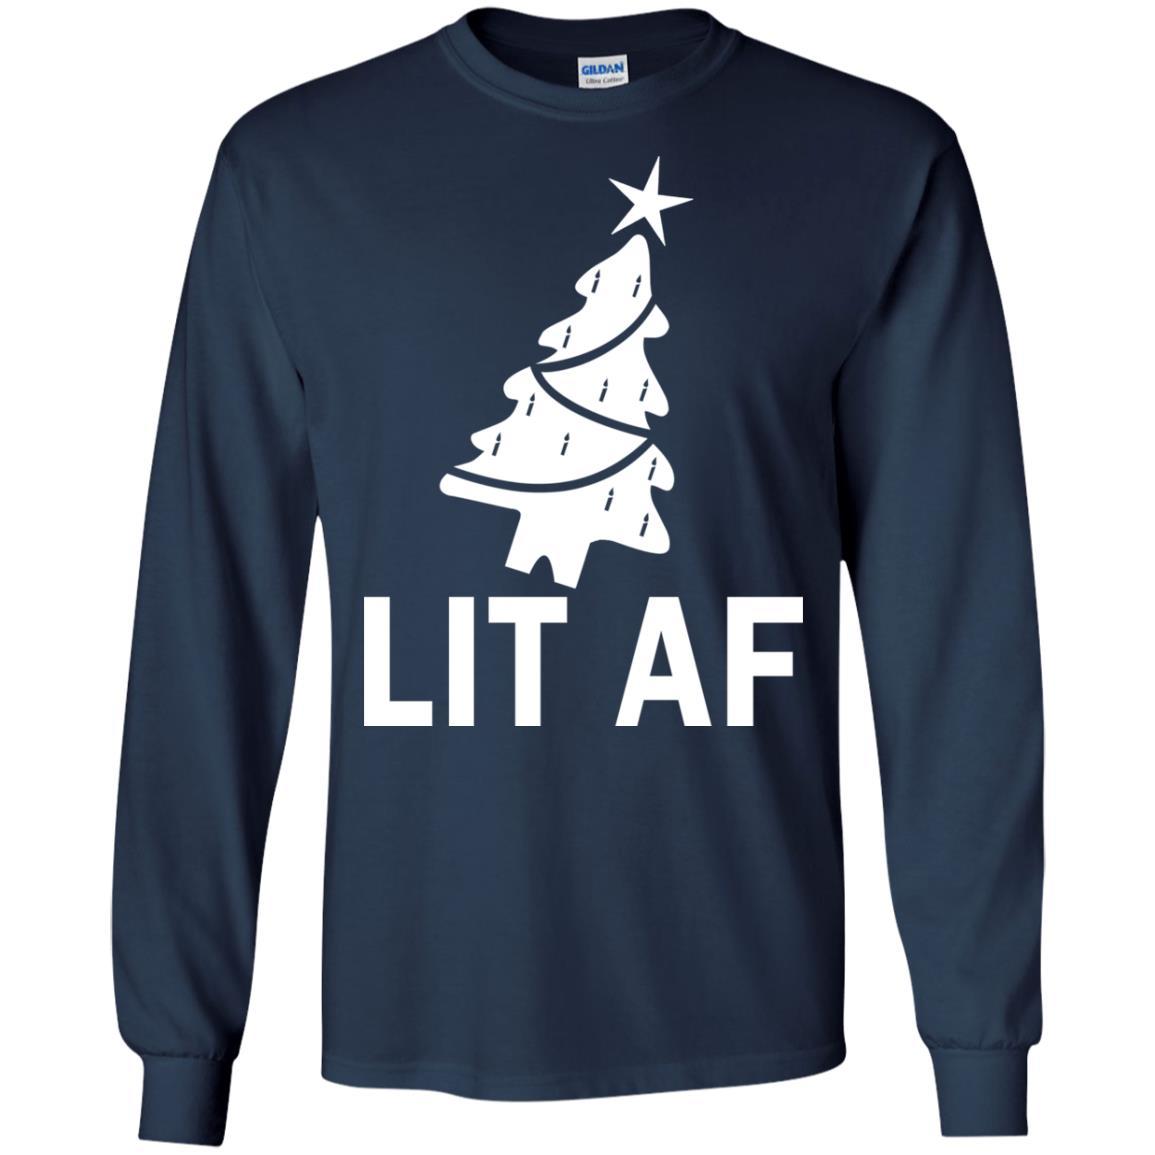 image 2360 - LIT AF Christmas Ugly Sweatshirt, Long Sleeve